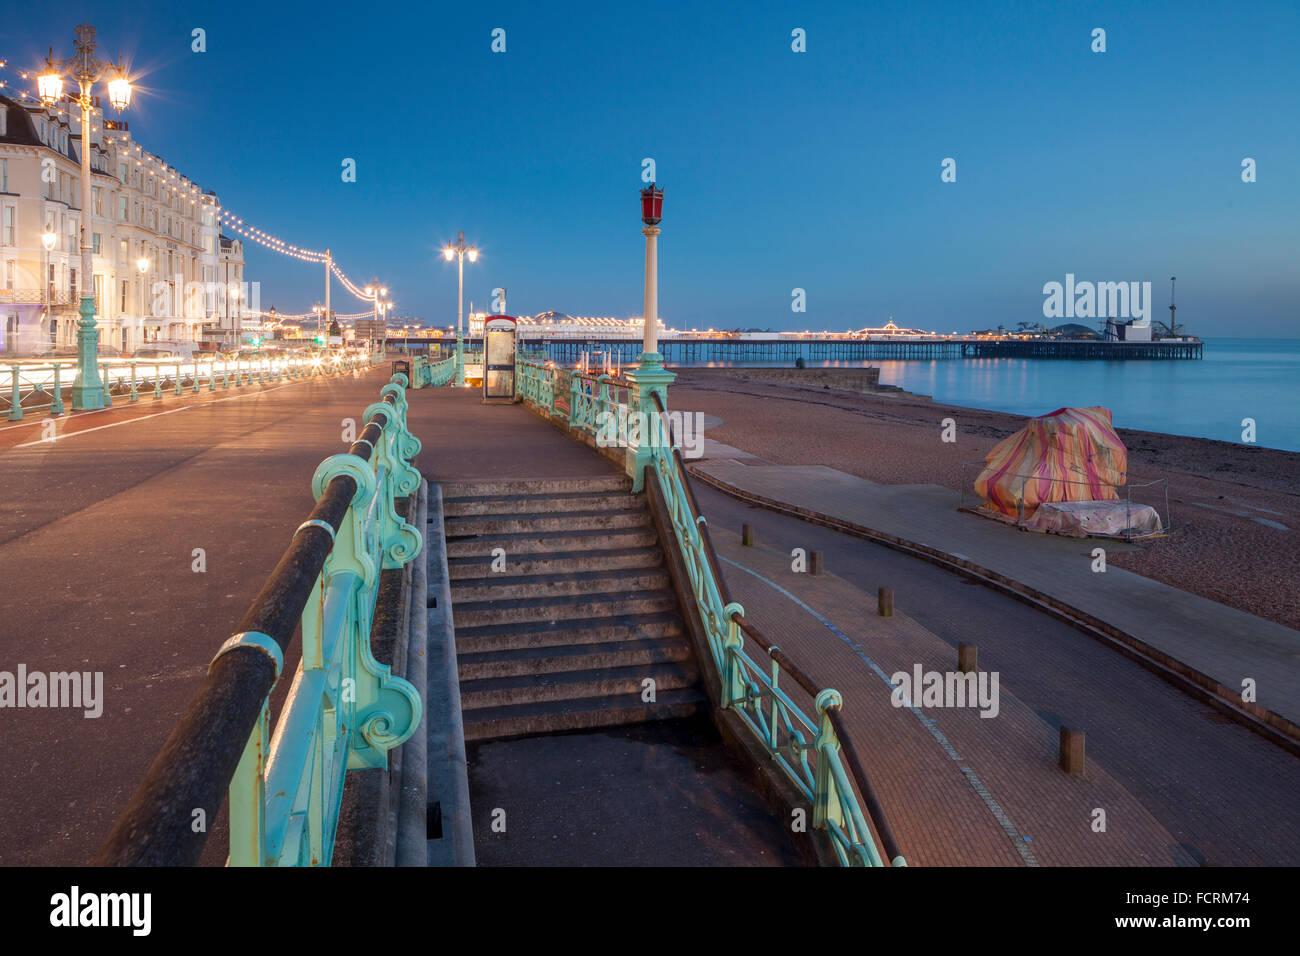 Sera d'inverno sul lungomare di Brighton, East Sussex, Inghilterra. Immagini Stock